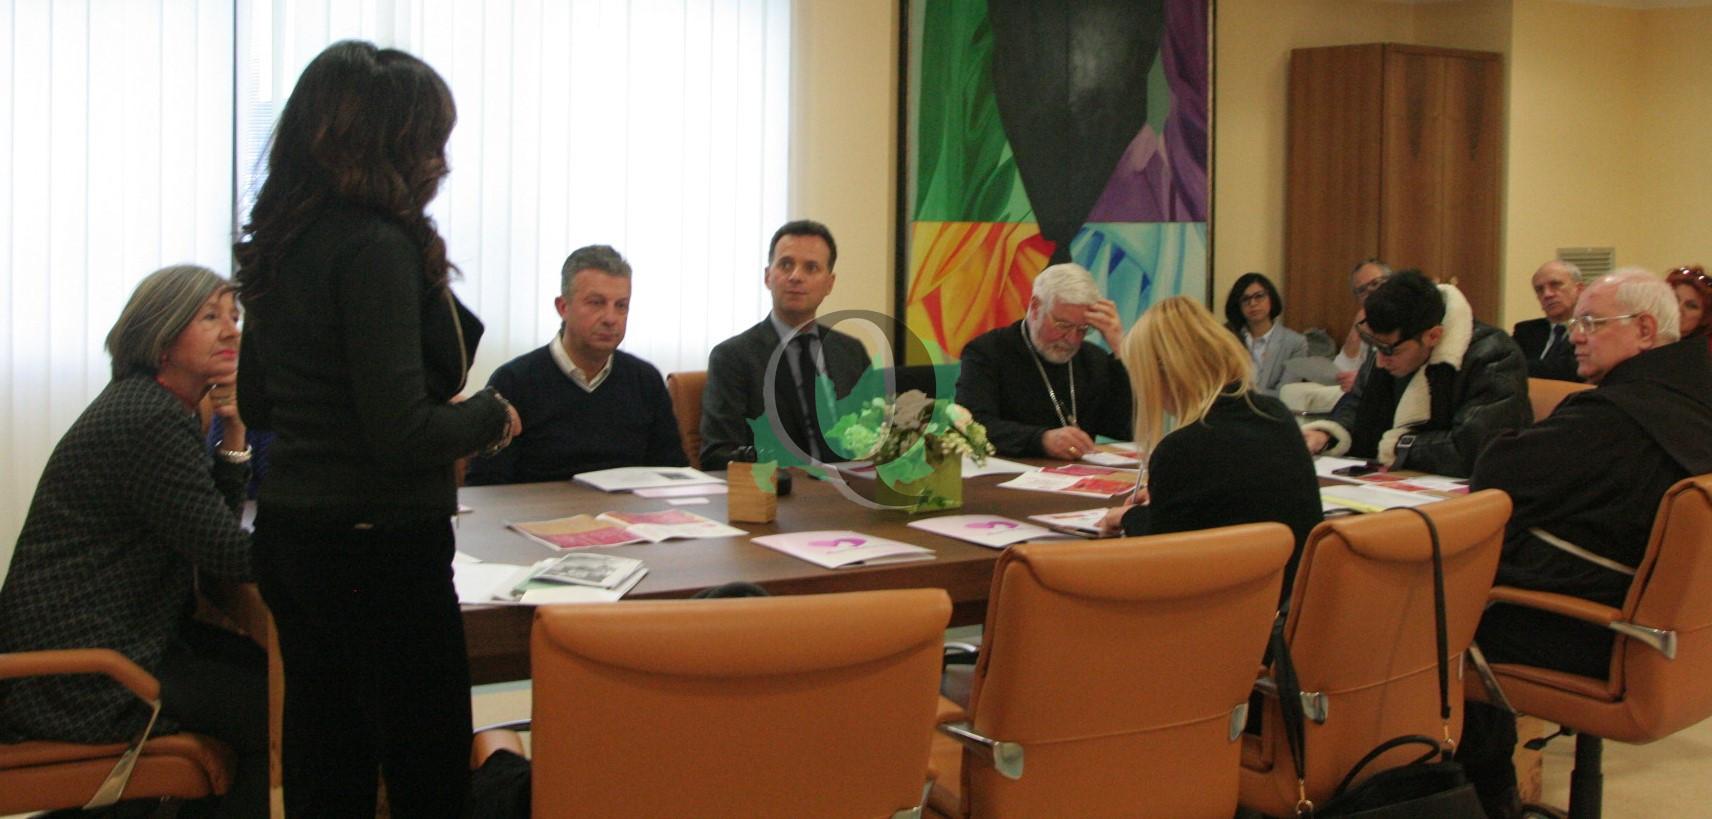 'Il Cuore delle Donne'. Il 18 marzo l'inaugurazione della onlus con ospite il Cardinale Parolin